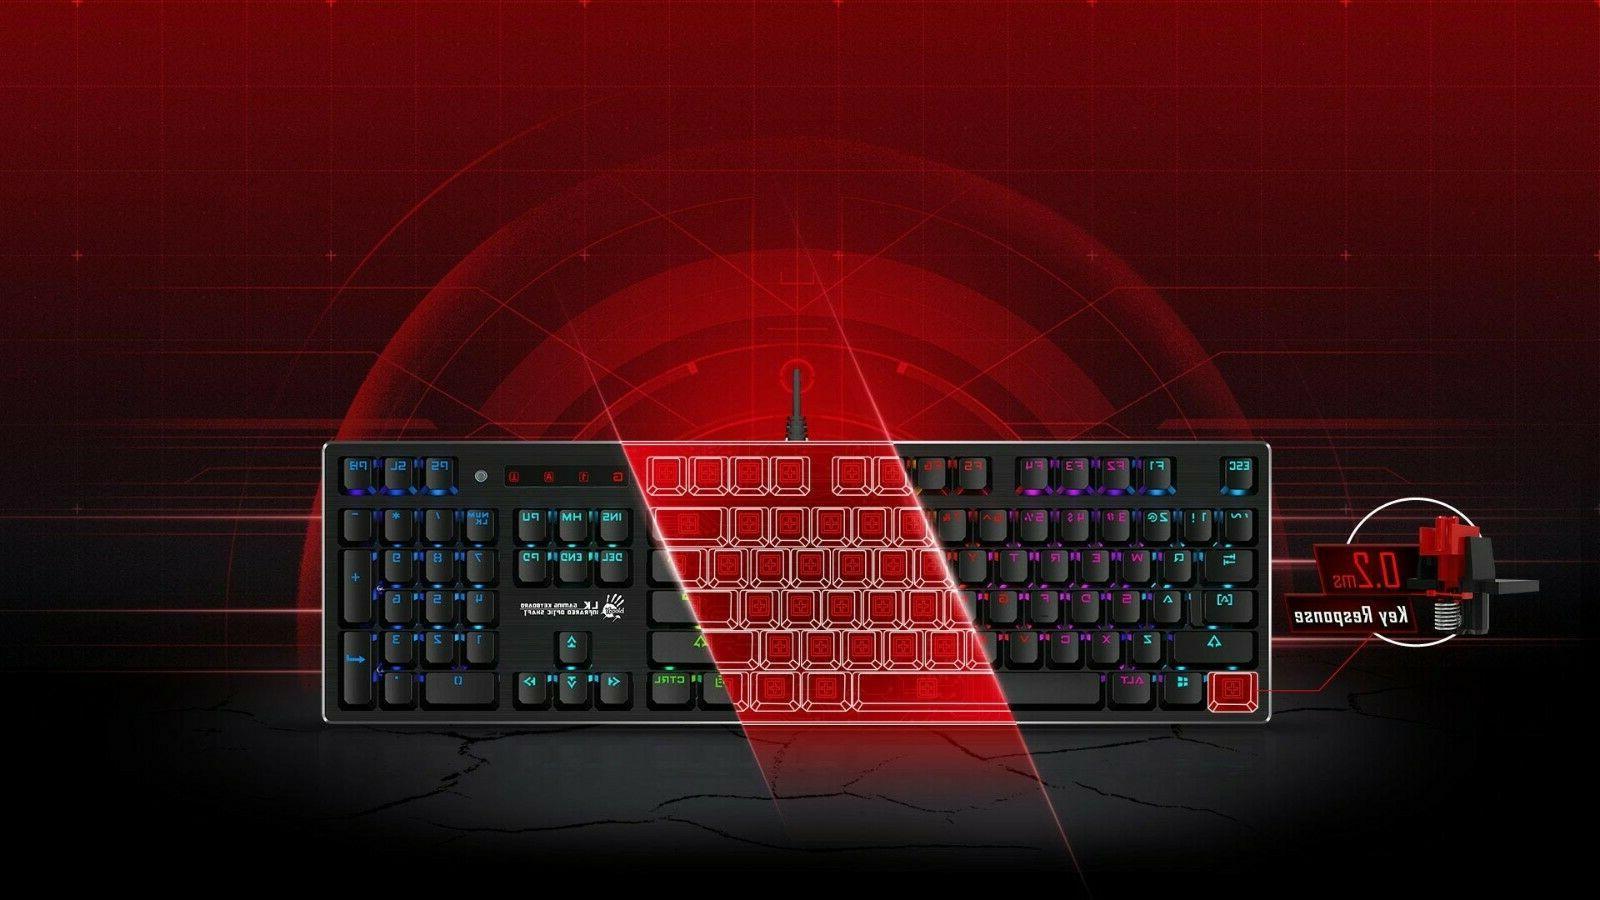 Bloody Optical Mechanical Gaming keyboard ...